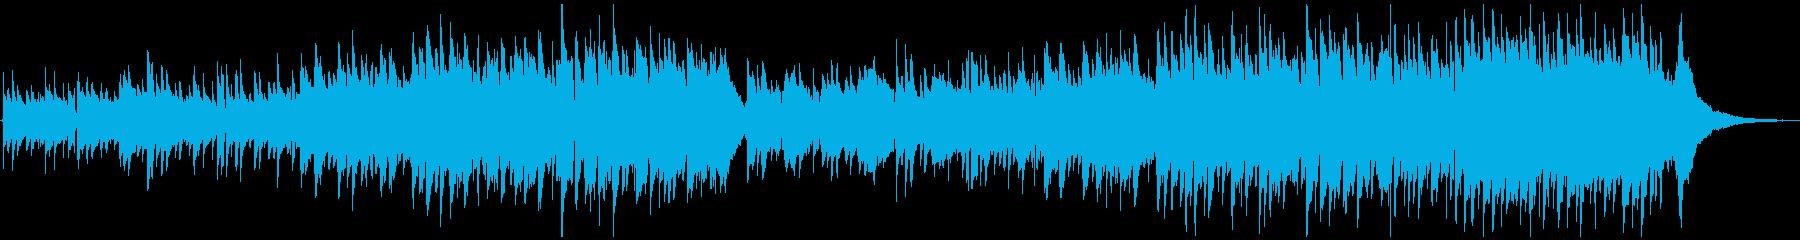 ゆったりリラックスできるアコースティックの再生済みの波形